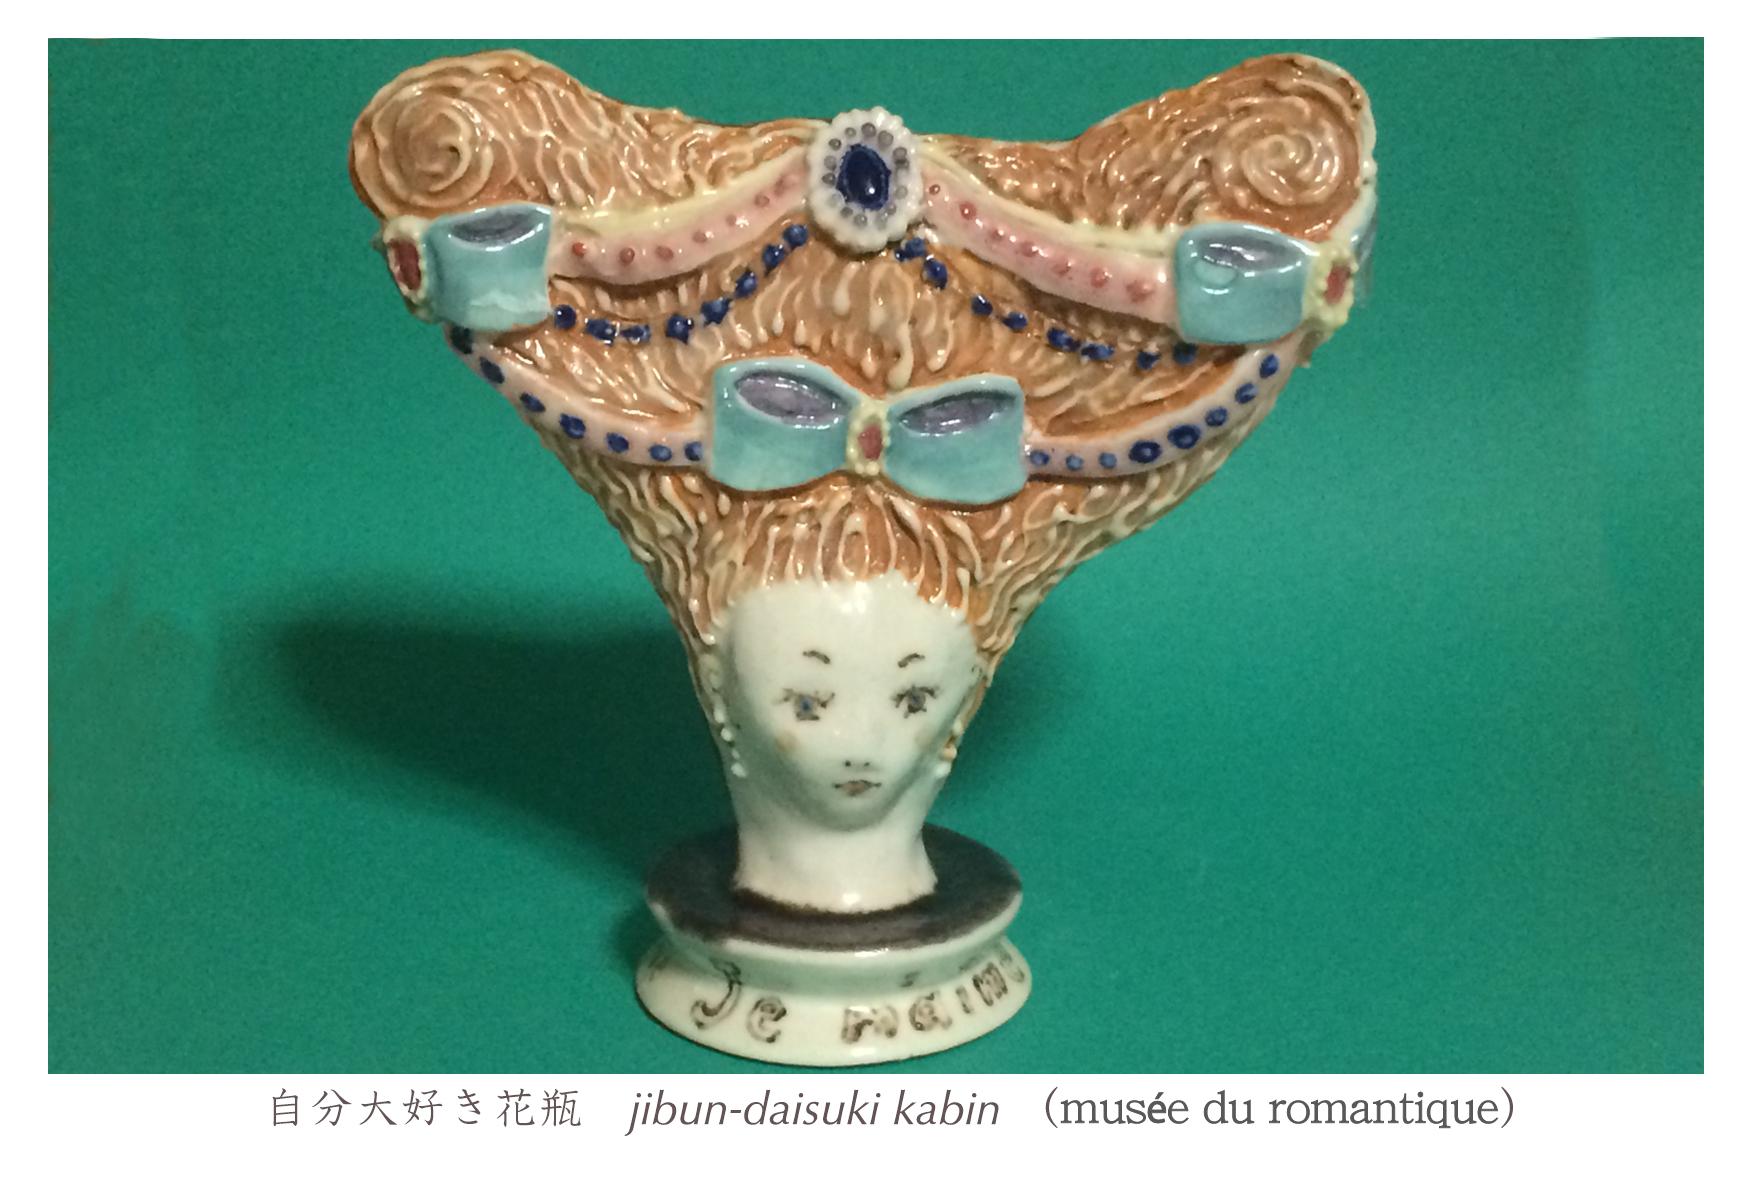 musée du romantiqueのお土産